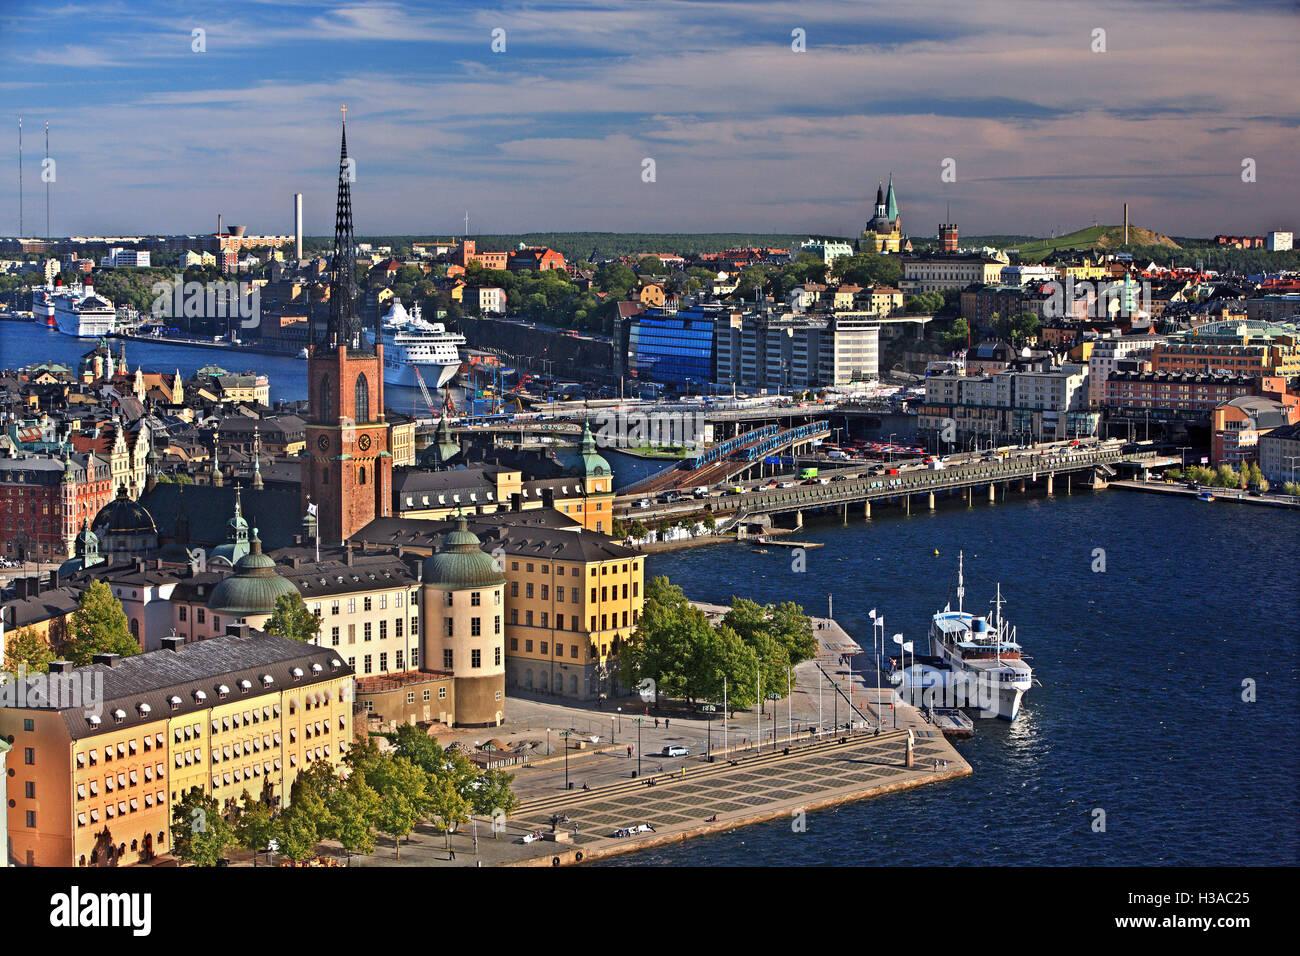 Die Brücken, die verbinden Gamla Stan und Riddarholmen mit Sodermalm, Stockholm, Schweden. Blick vom Rathausturm. Stockbild